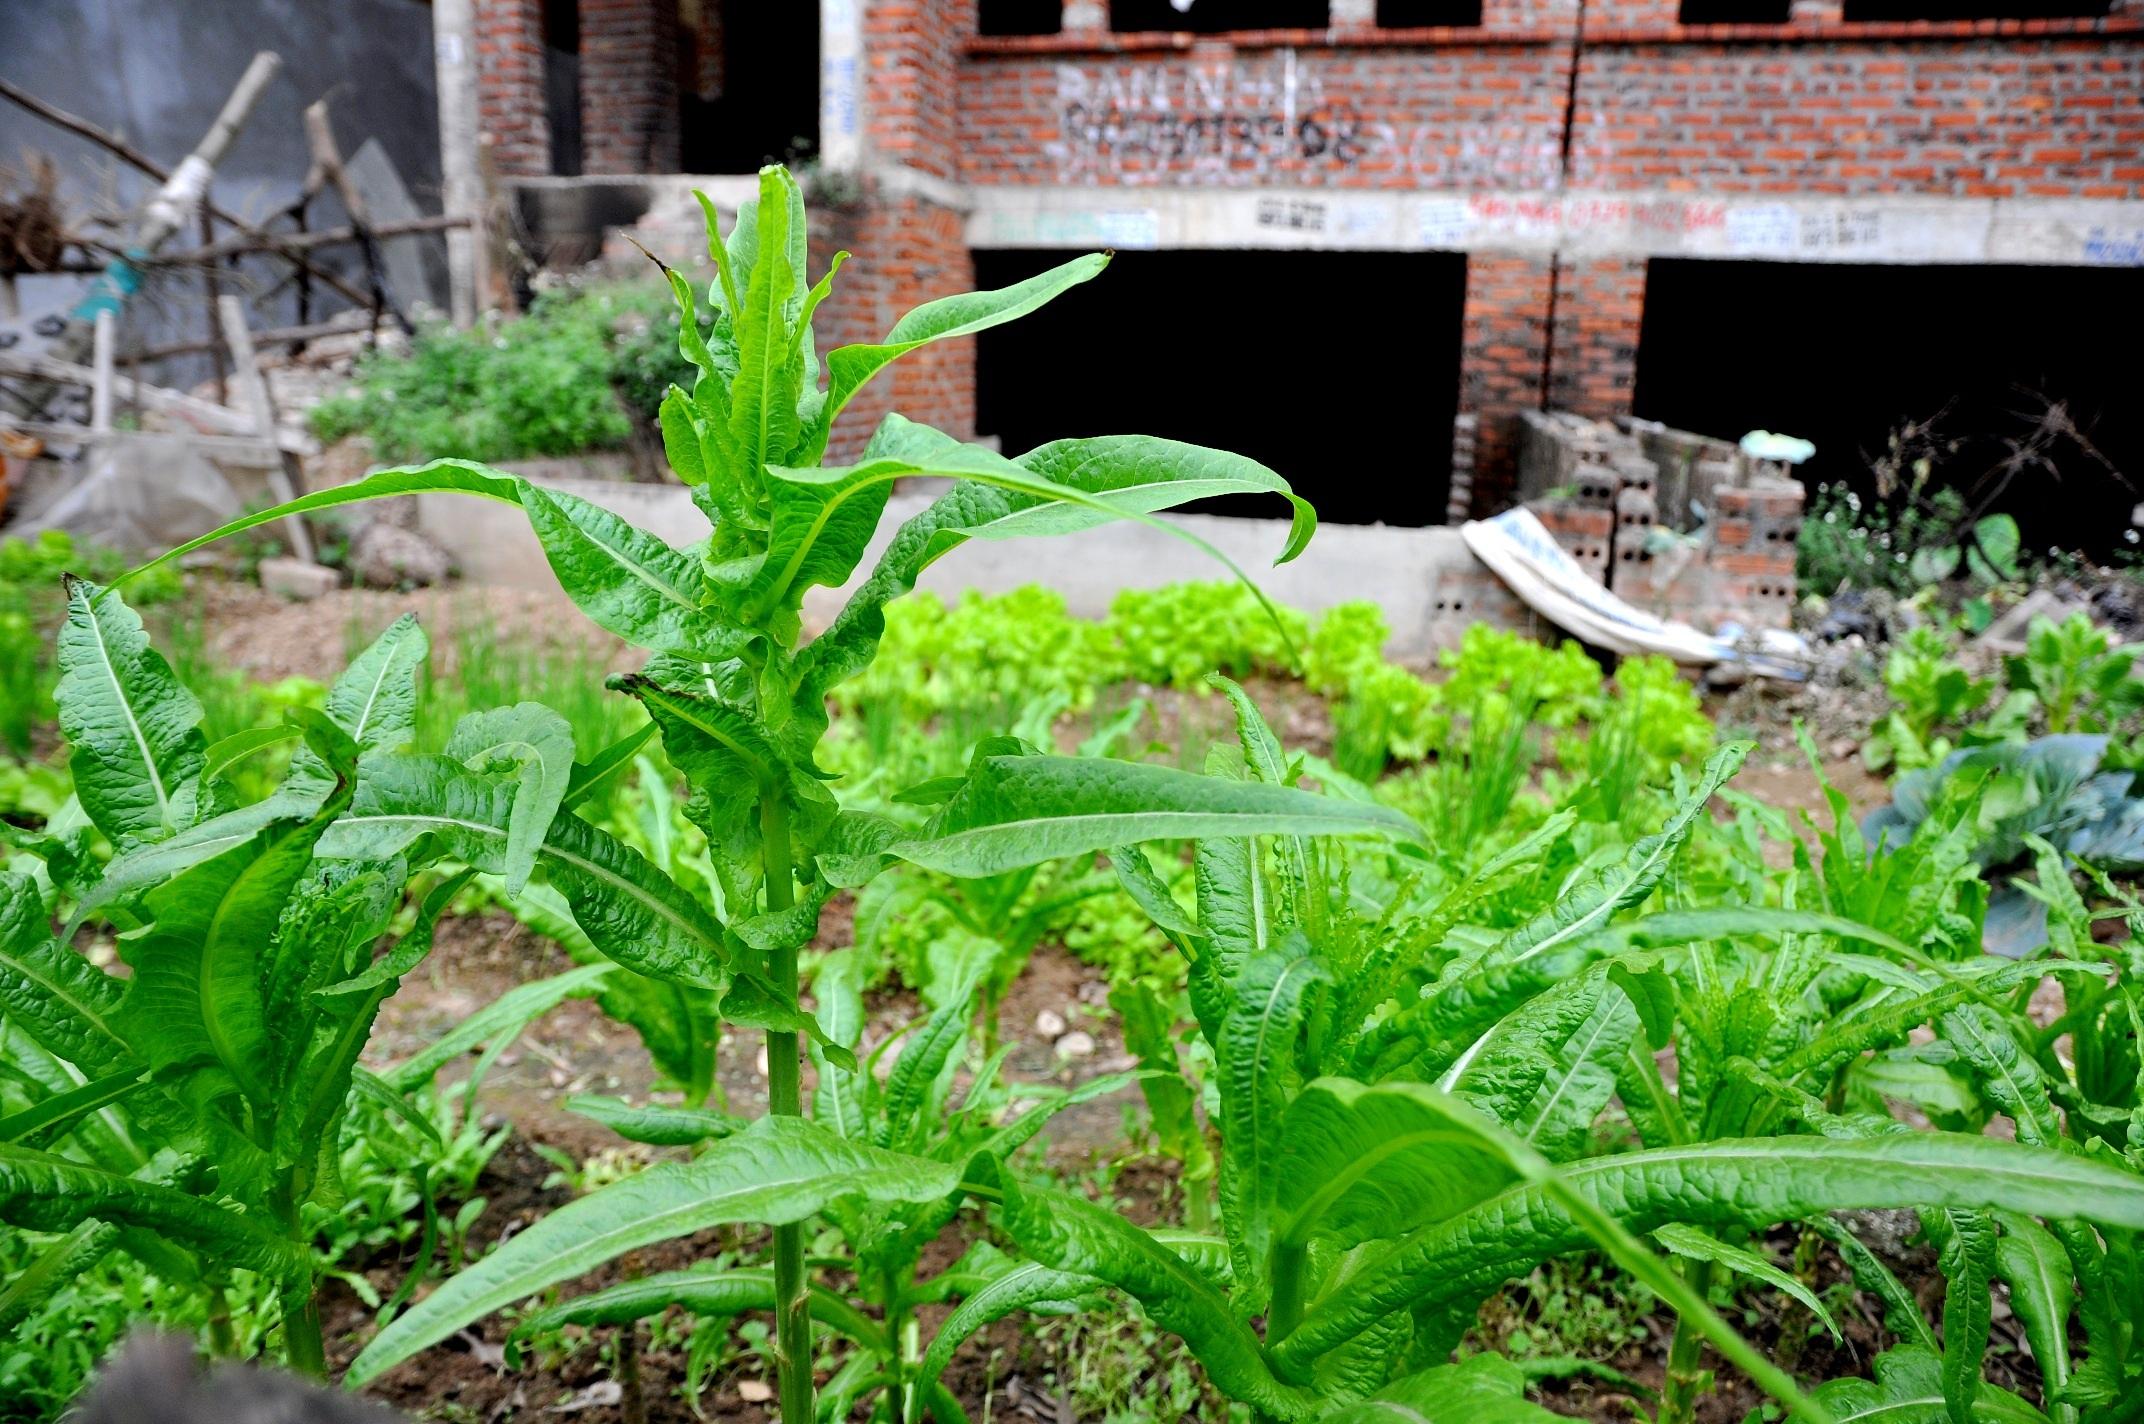 Những luống rau xanh mơn mởn với đủ loại từ các rau ngắn ngày như rau muống, cải đến các loại củ quả như cà chua, rau bí hay khoai lang.